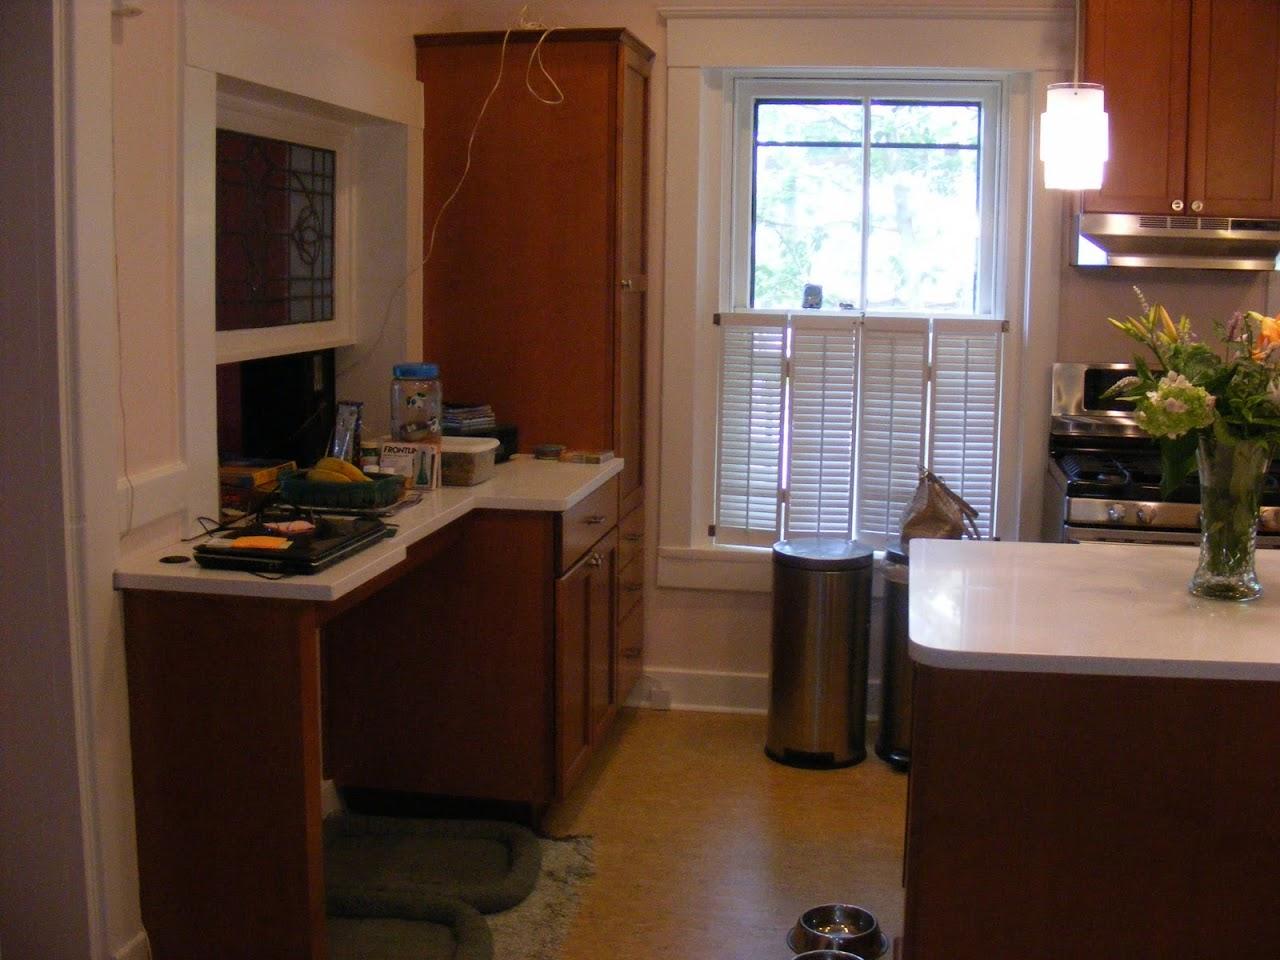 After Image kitchen at desk.JPG